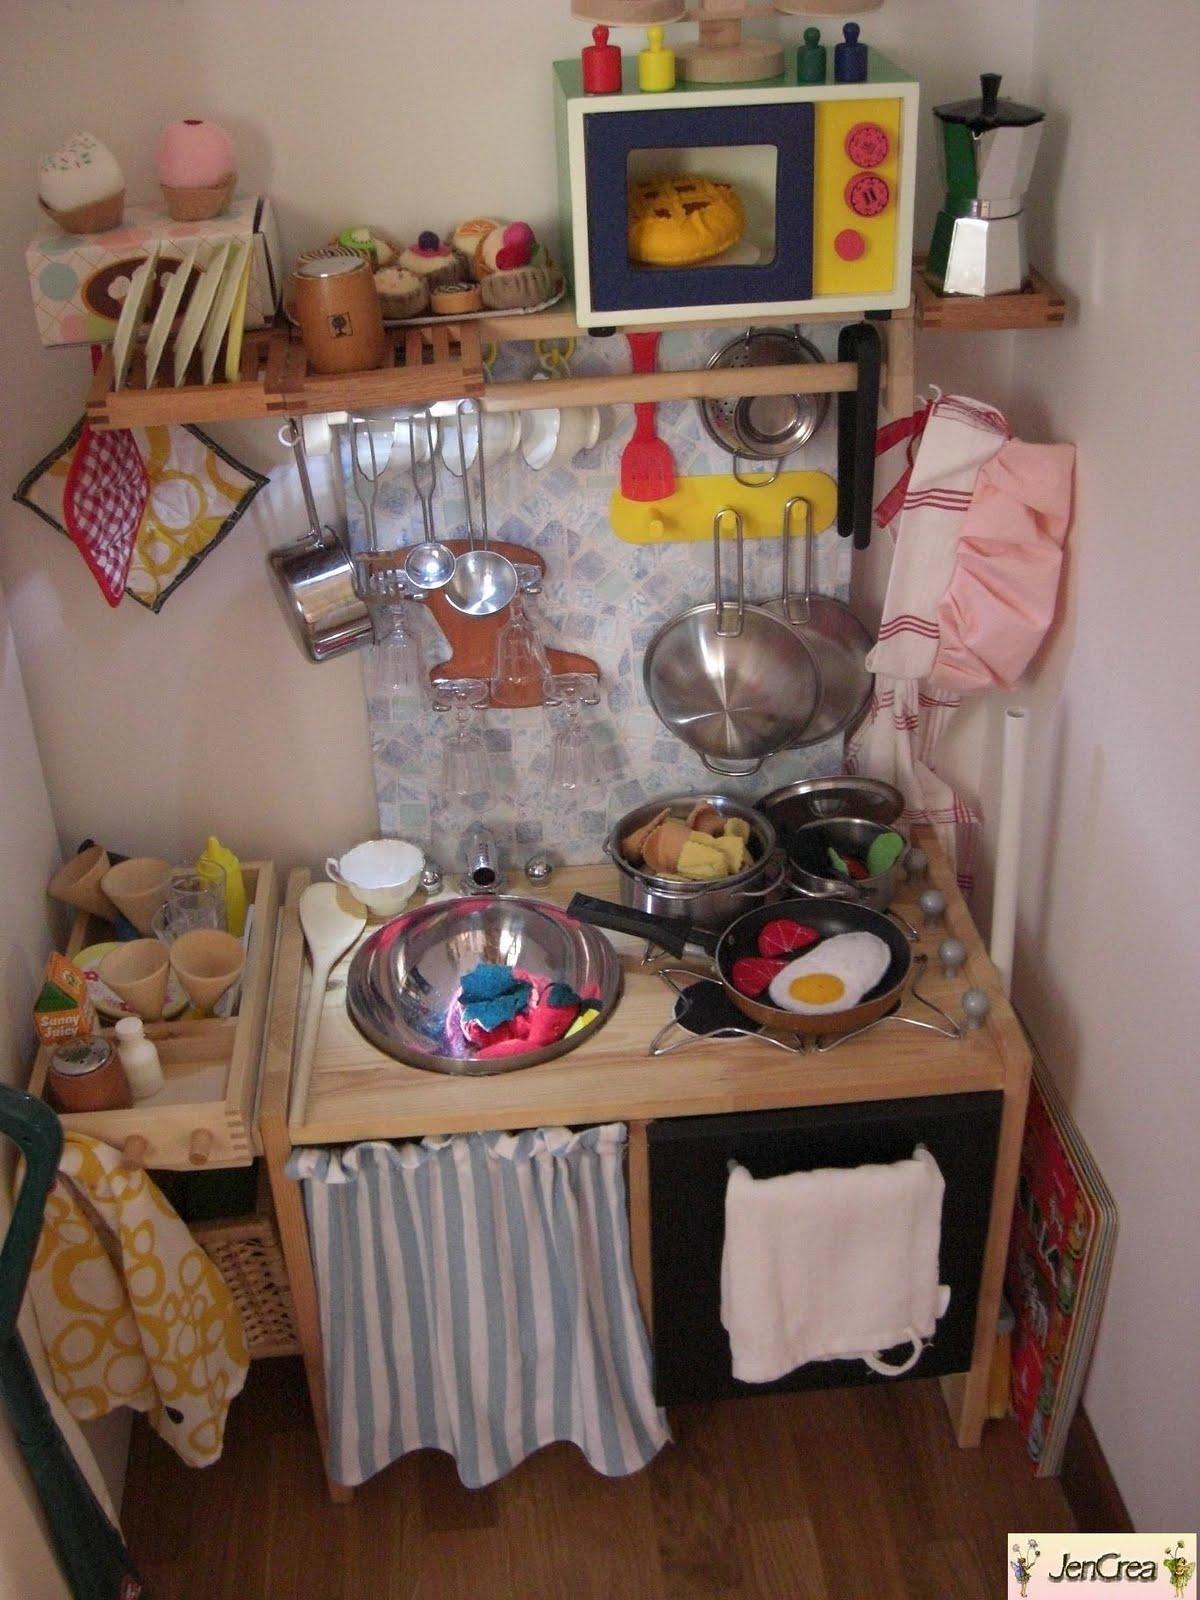 Jen crea creazioni di tutto e un p la cucina giocatollo realizzata da un comodino ikea - Crea cucina ikea ...